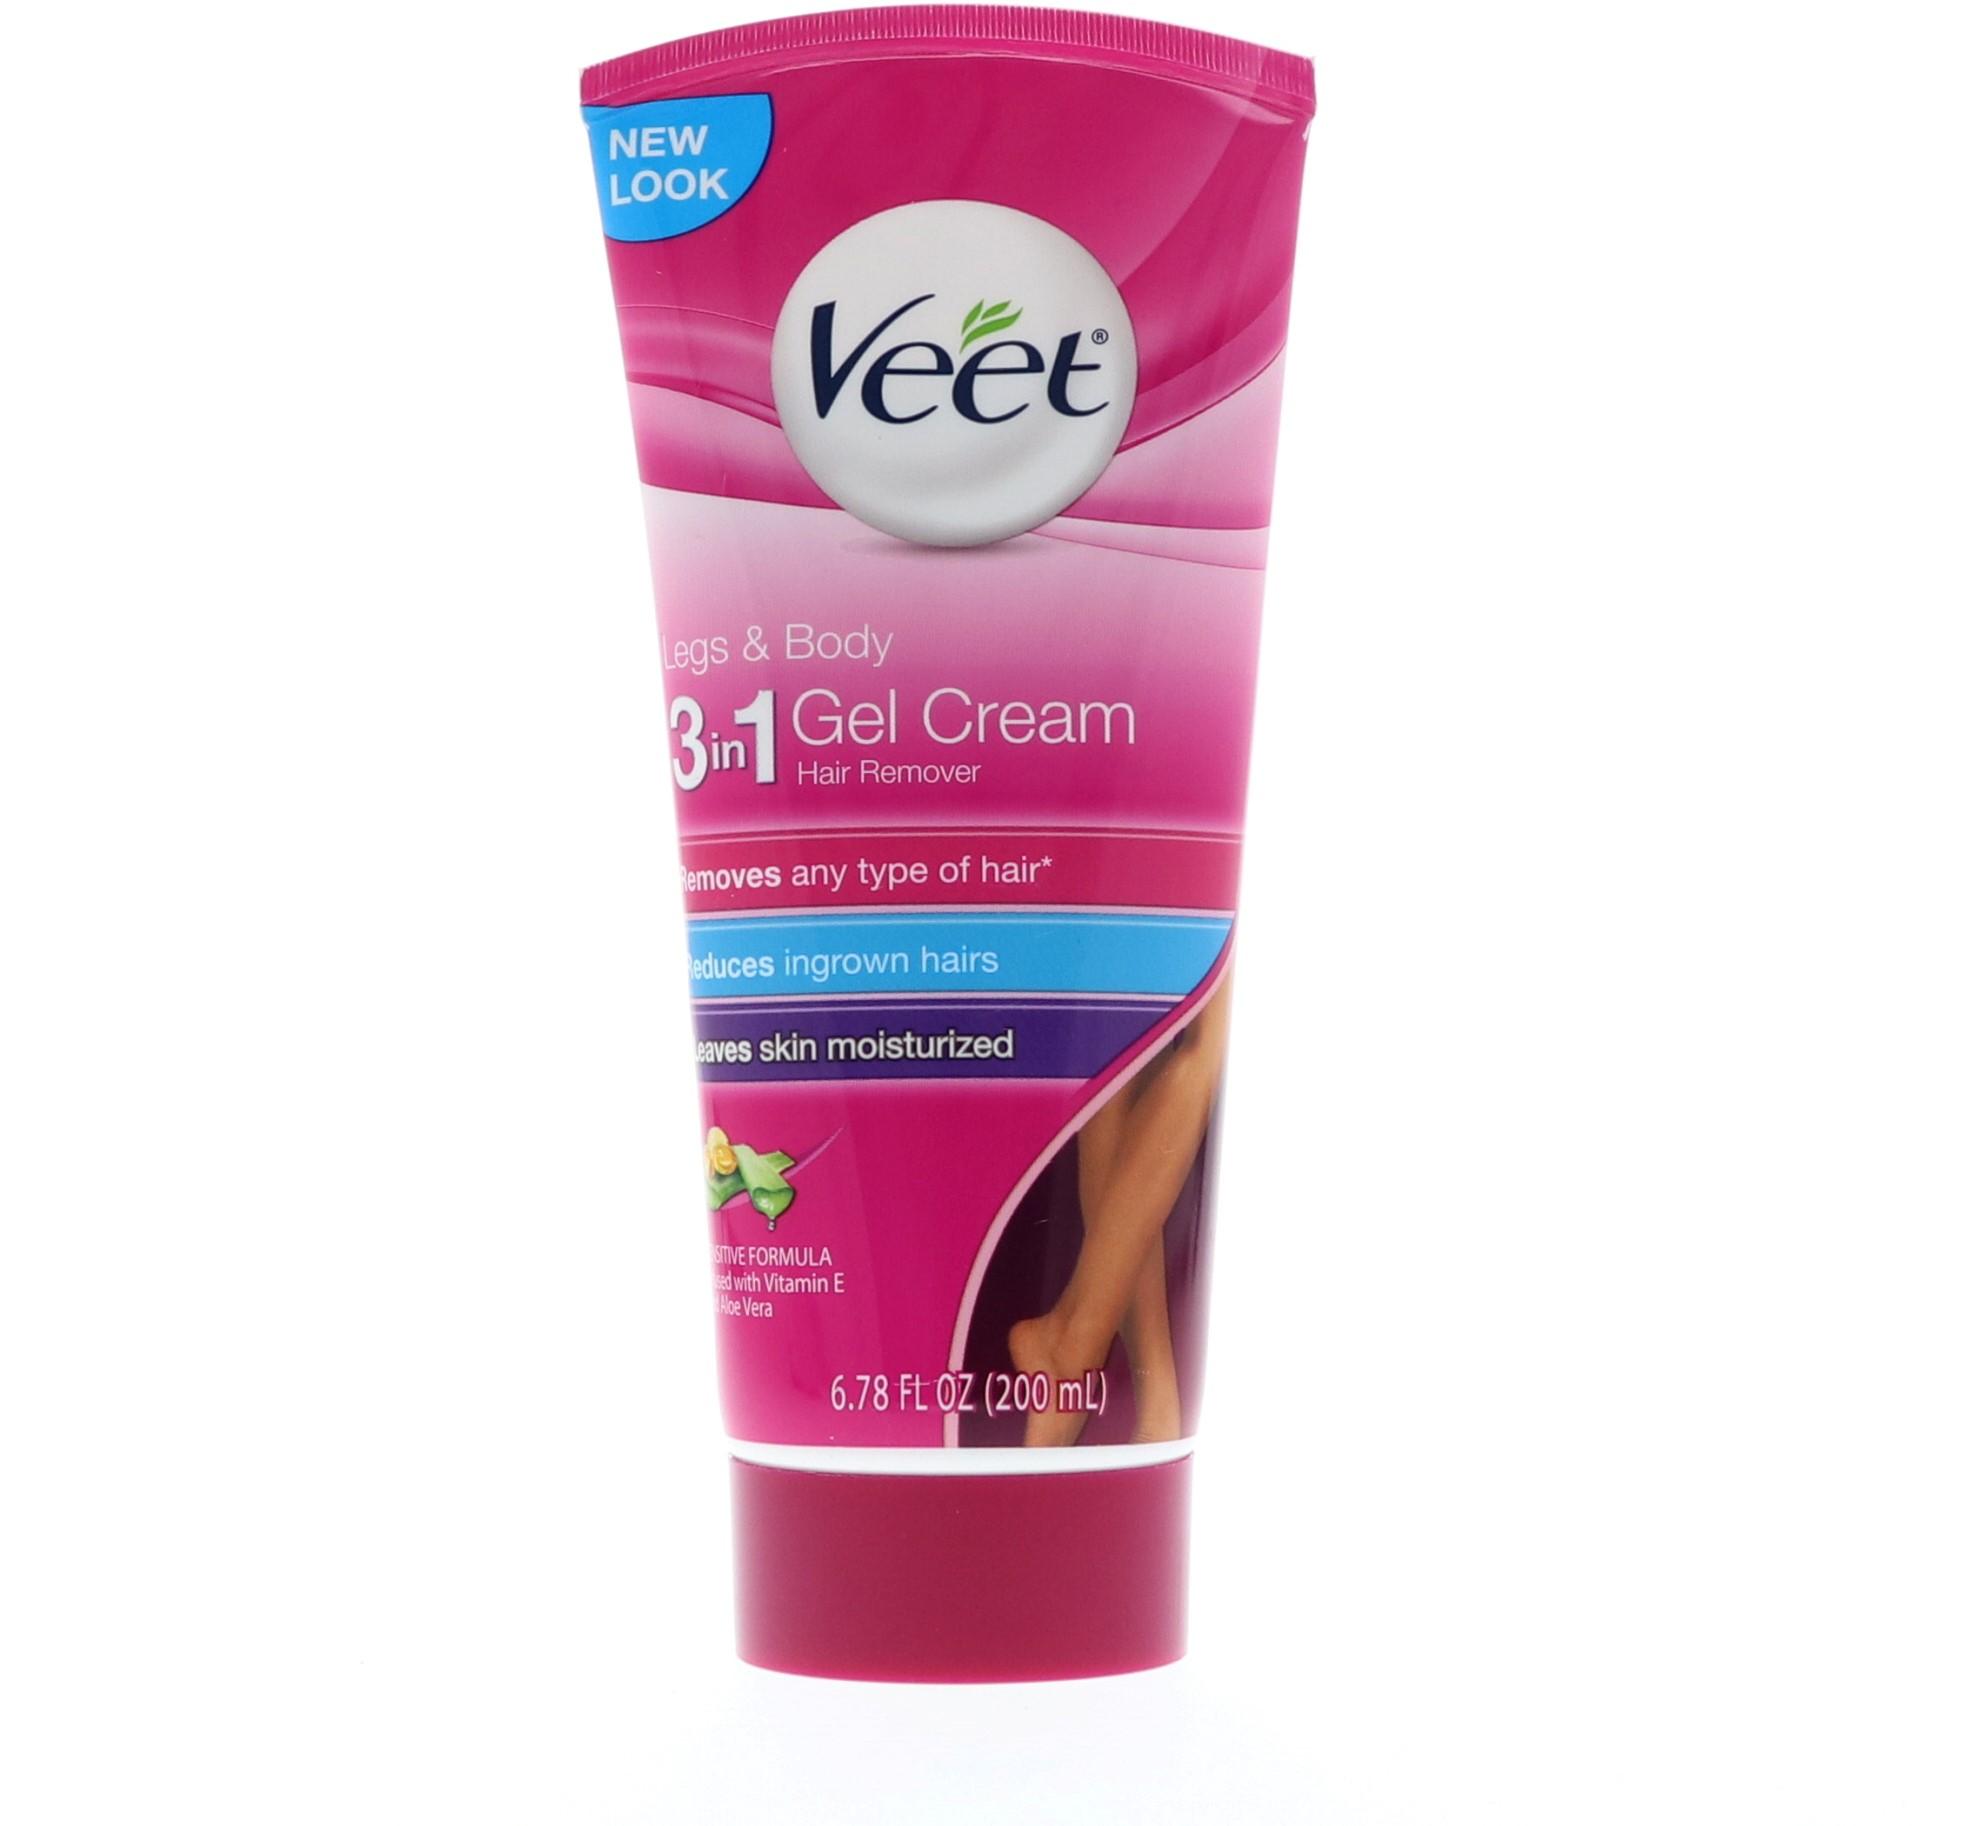 Veet Legs & Body 3 in 1 Gel Cream, 6.78 oz.